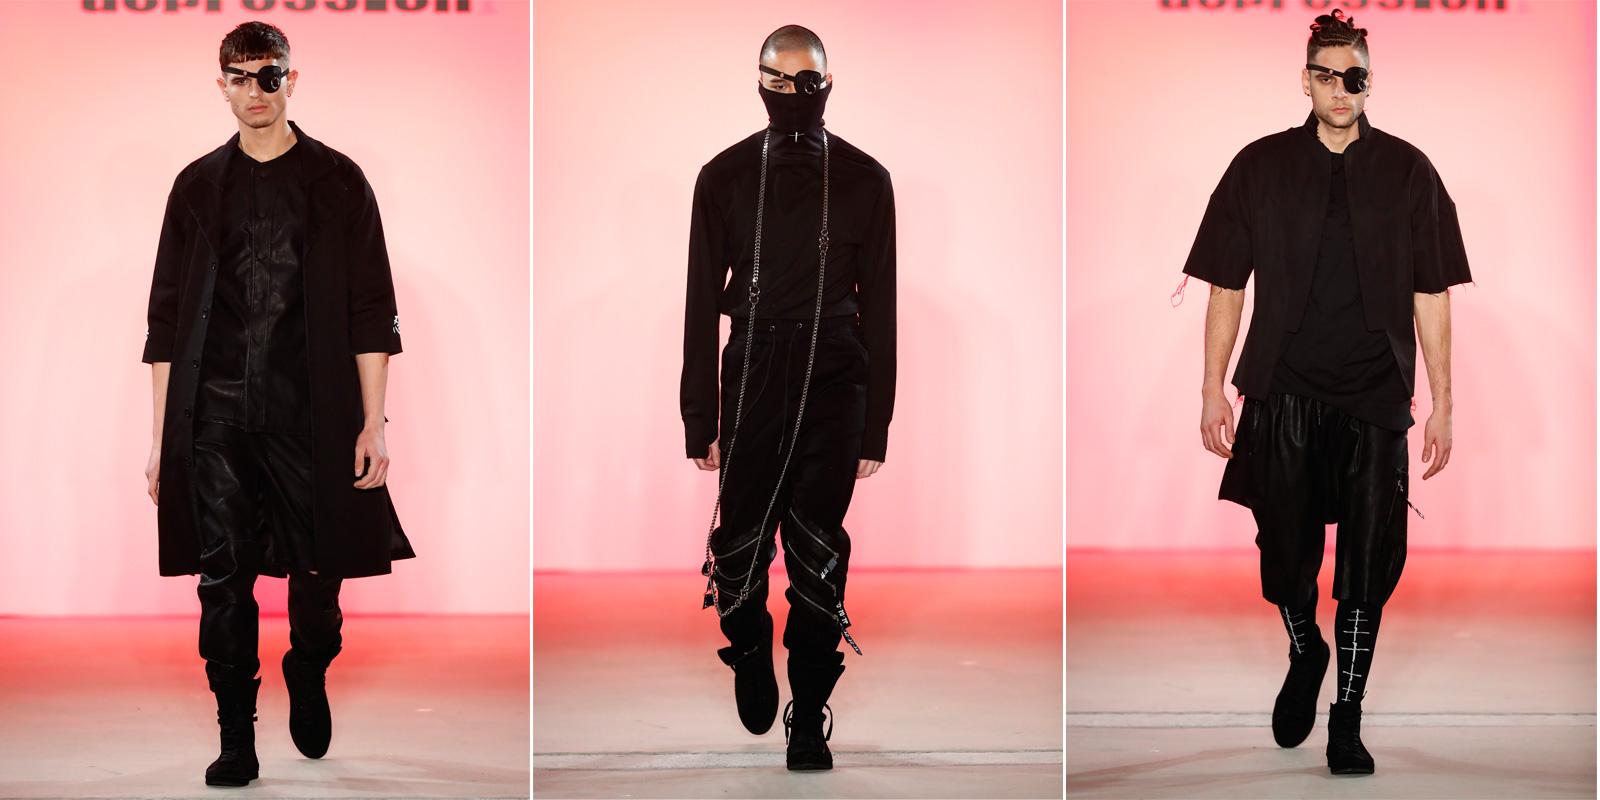 MBFWB-FW2017-Malefashion-Trends-Runway-Berlin-Fashionweek-Depression